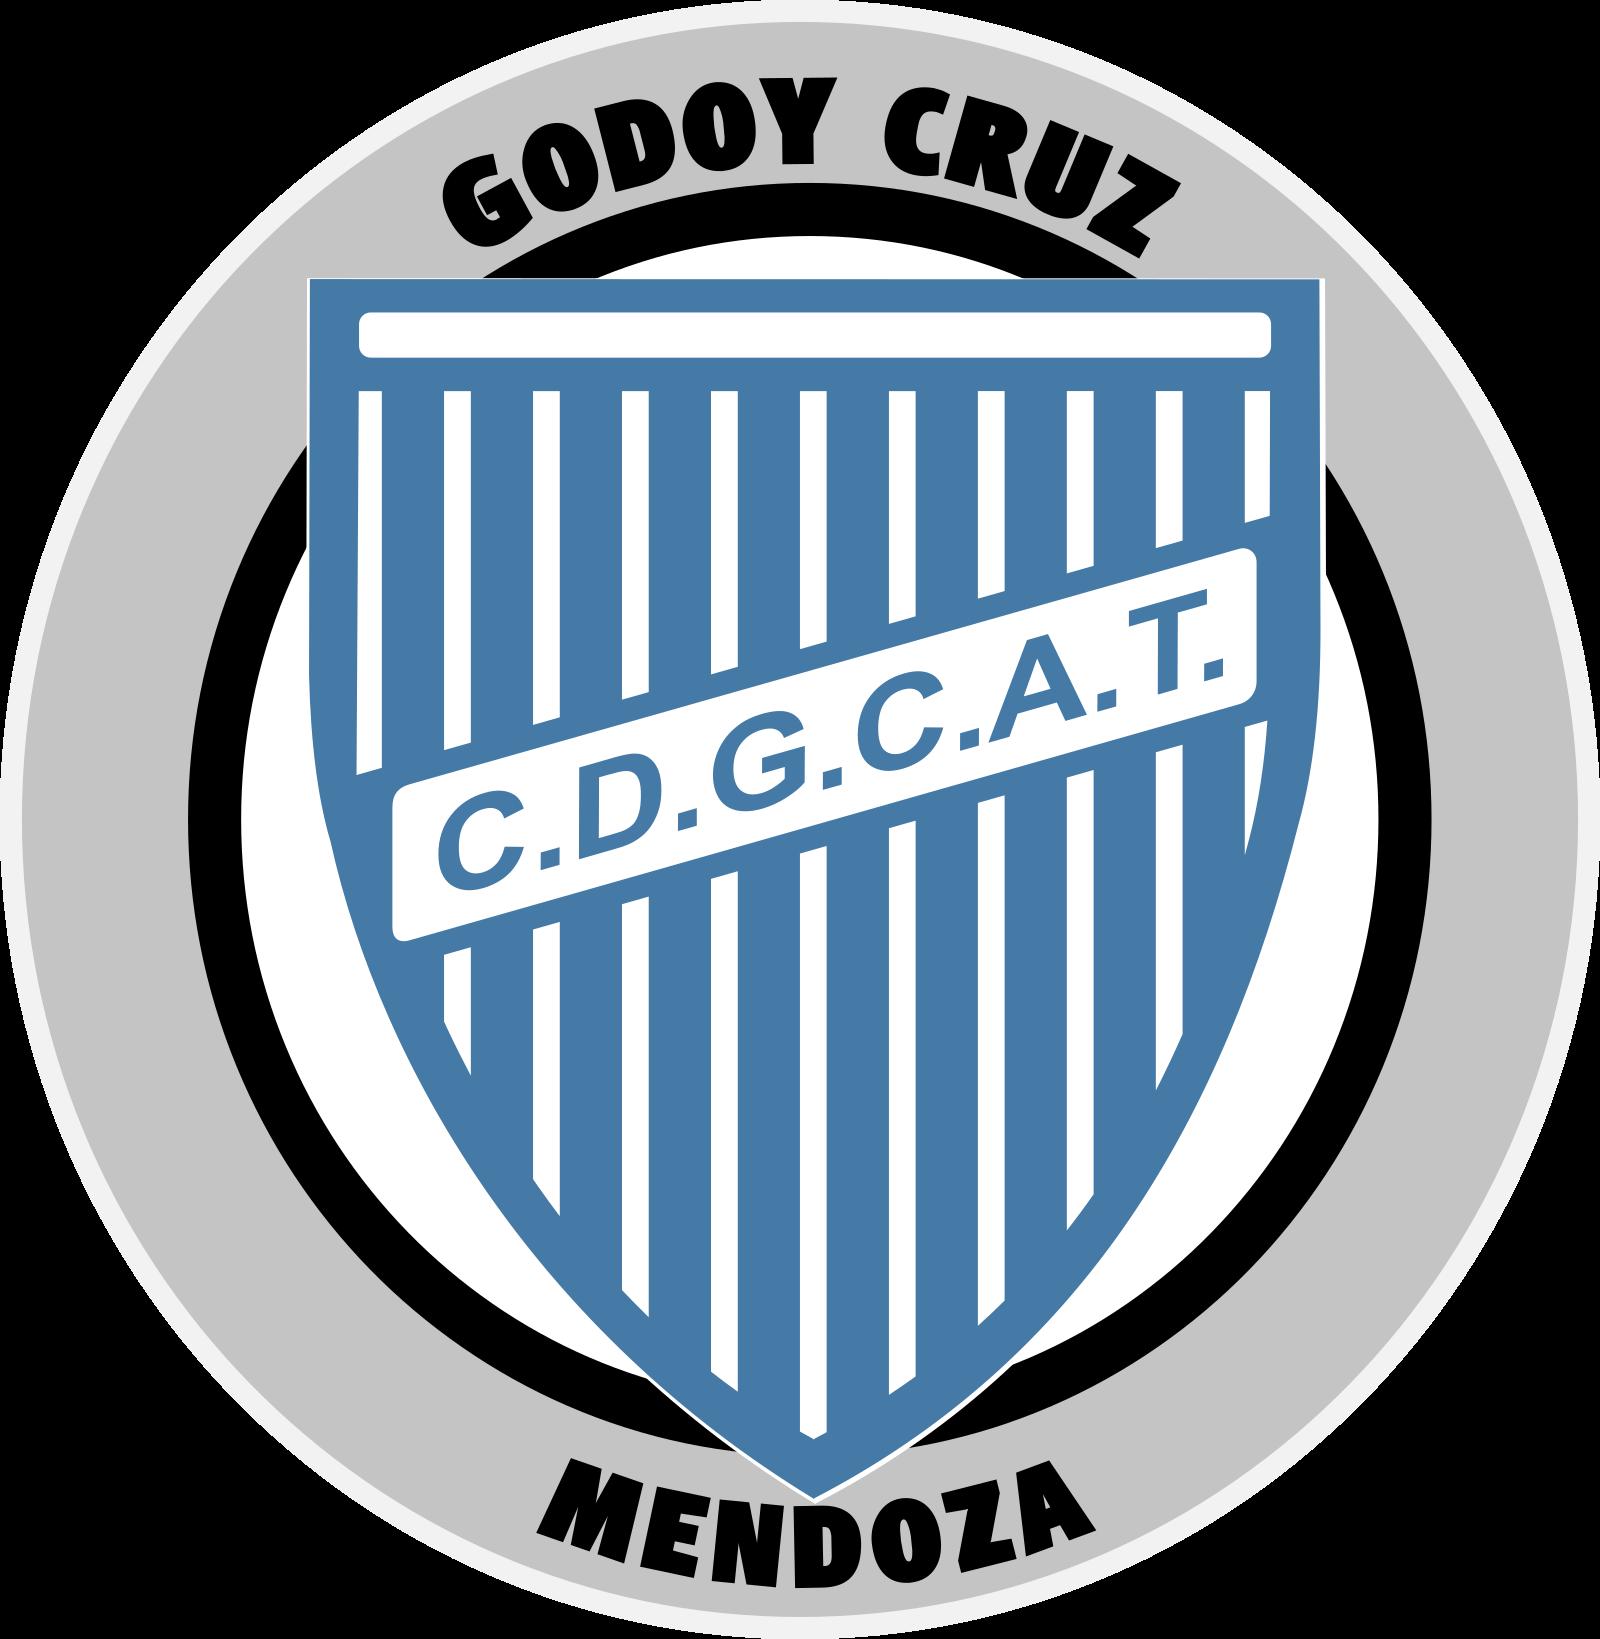 godoy cruz logo escudo 2 - Godoy Cruz Logo – Club Deportivo Godoy Cruz Escudo